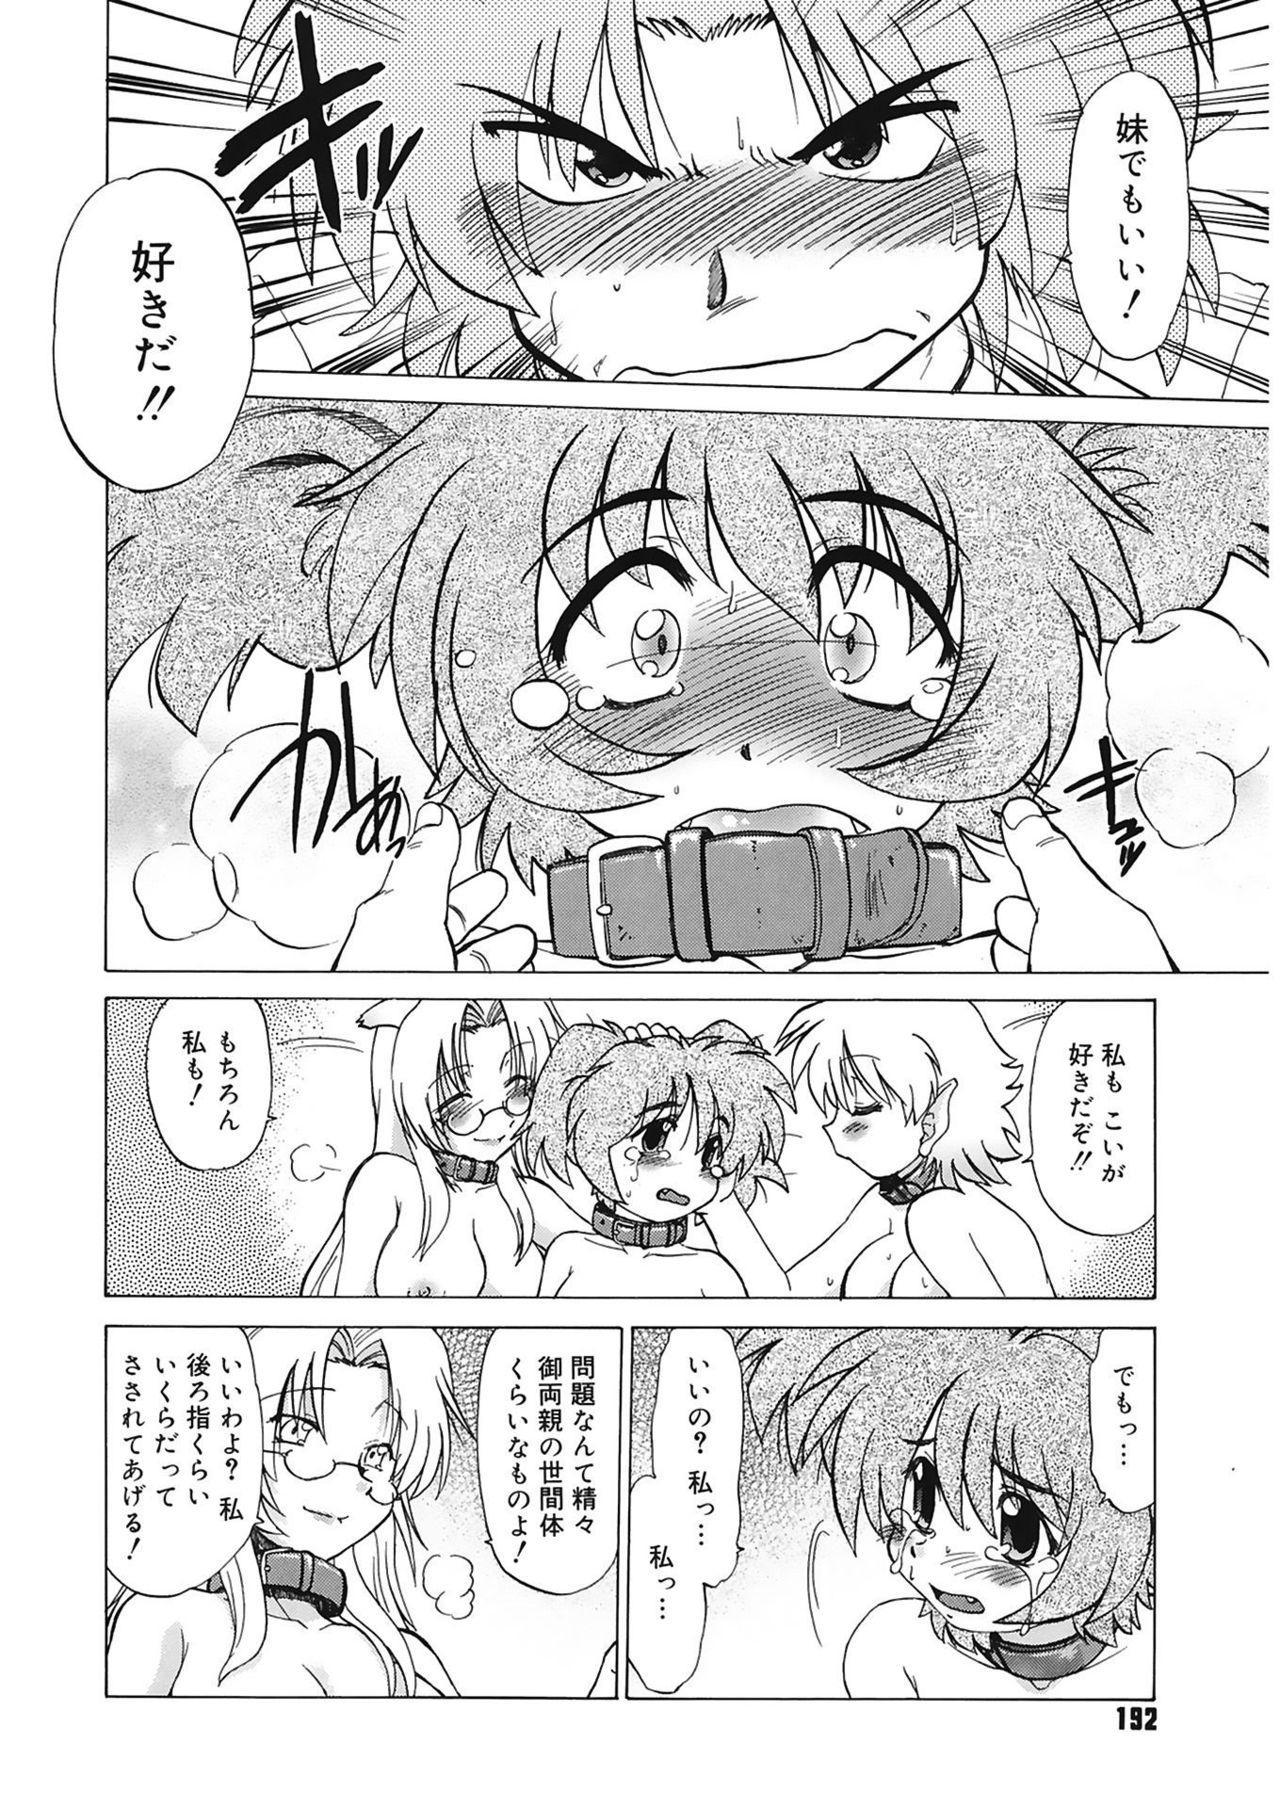 Gokinjo no Monster 191